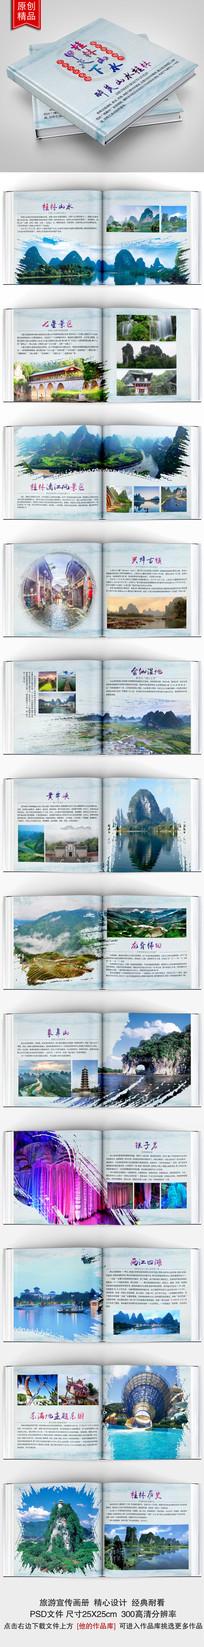 时尚桂林山水旅游宣传画册